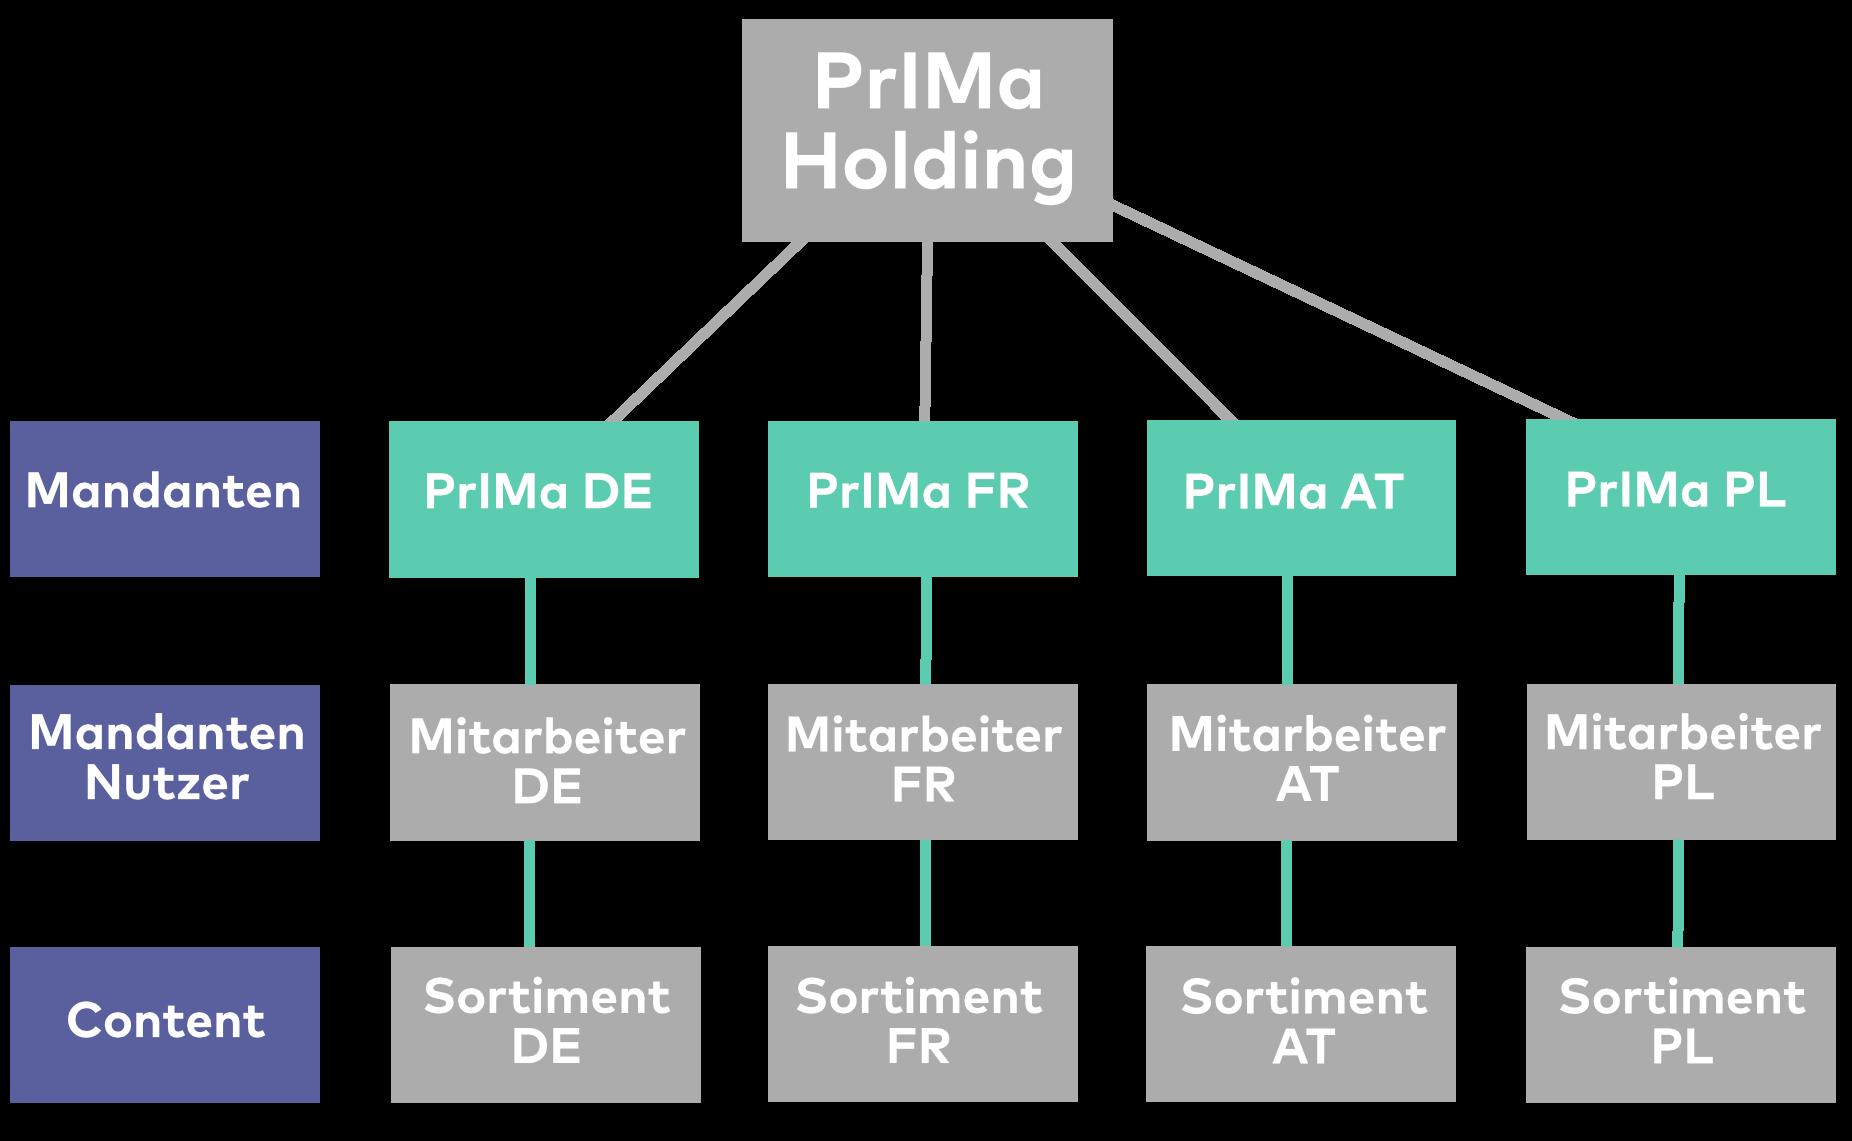 Die Grafik zeigt den Aufbau der PrIMa Holding mit Mandanten, Mandanten Nutzer und Content.